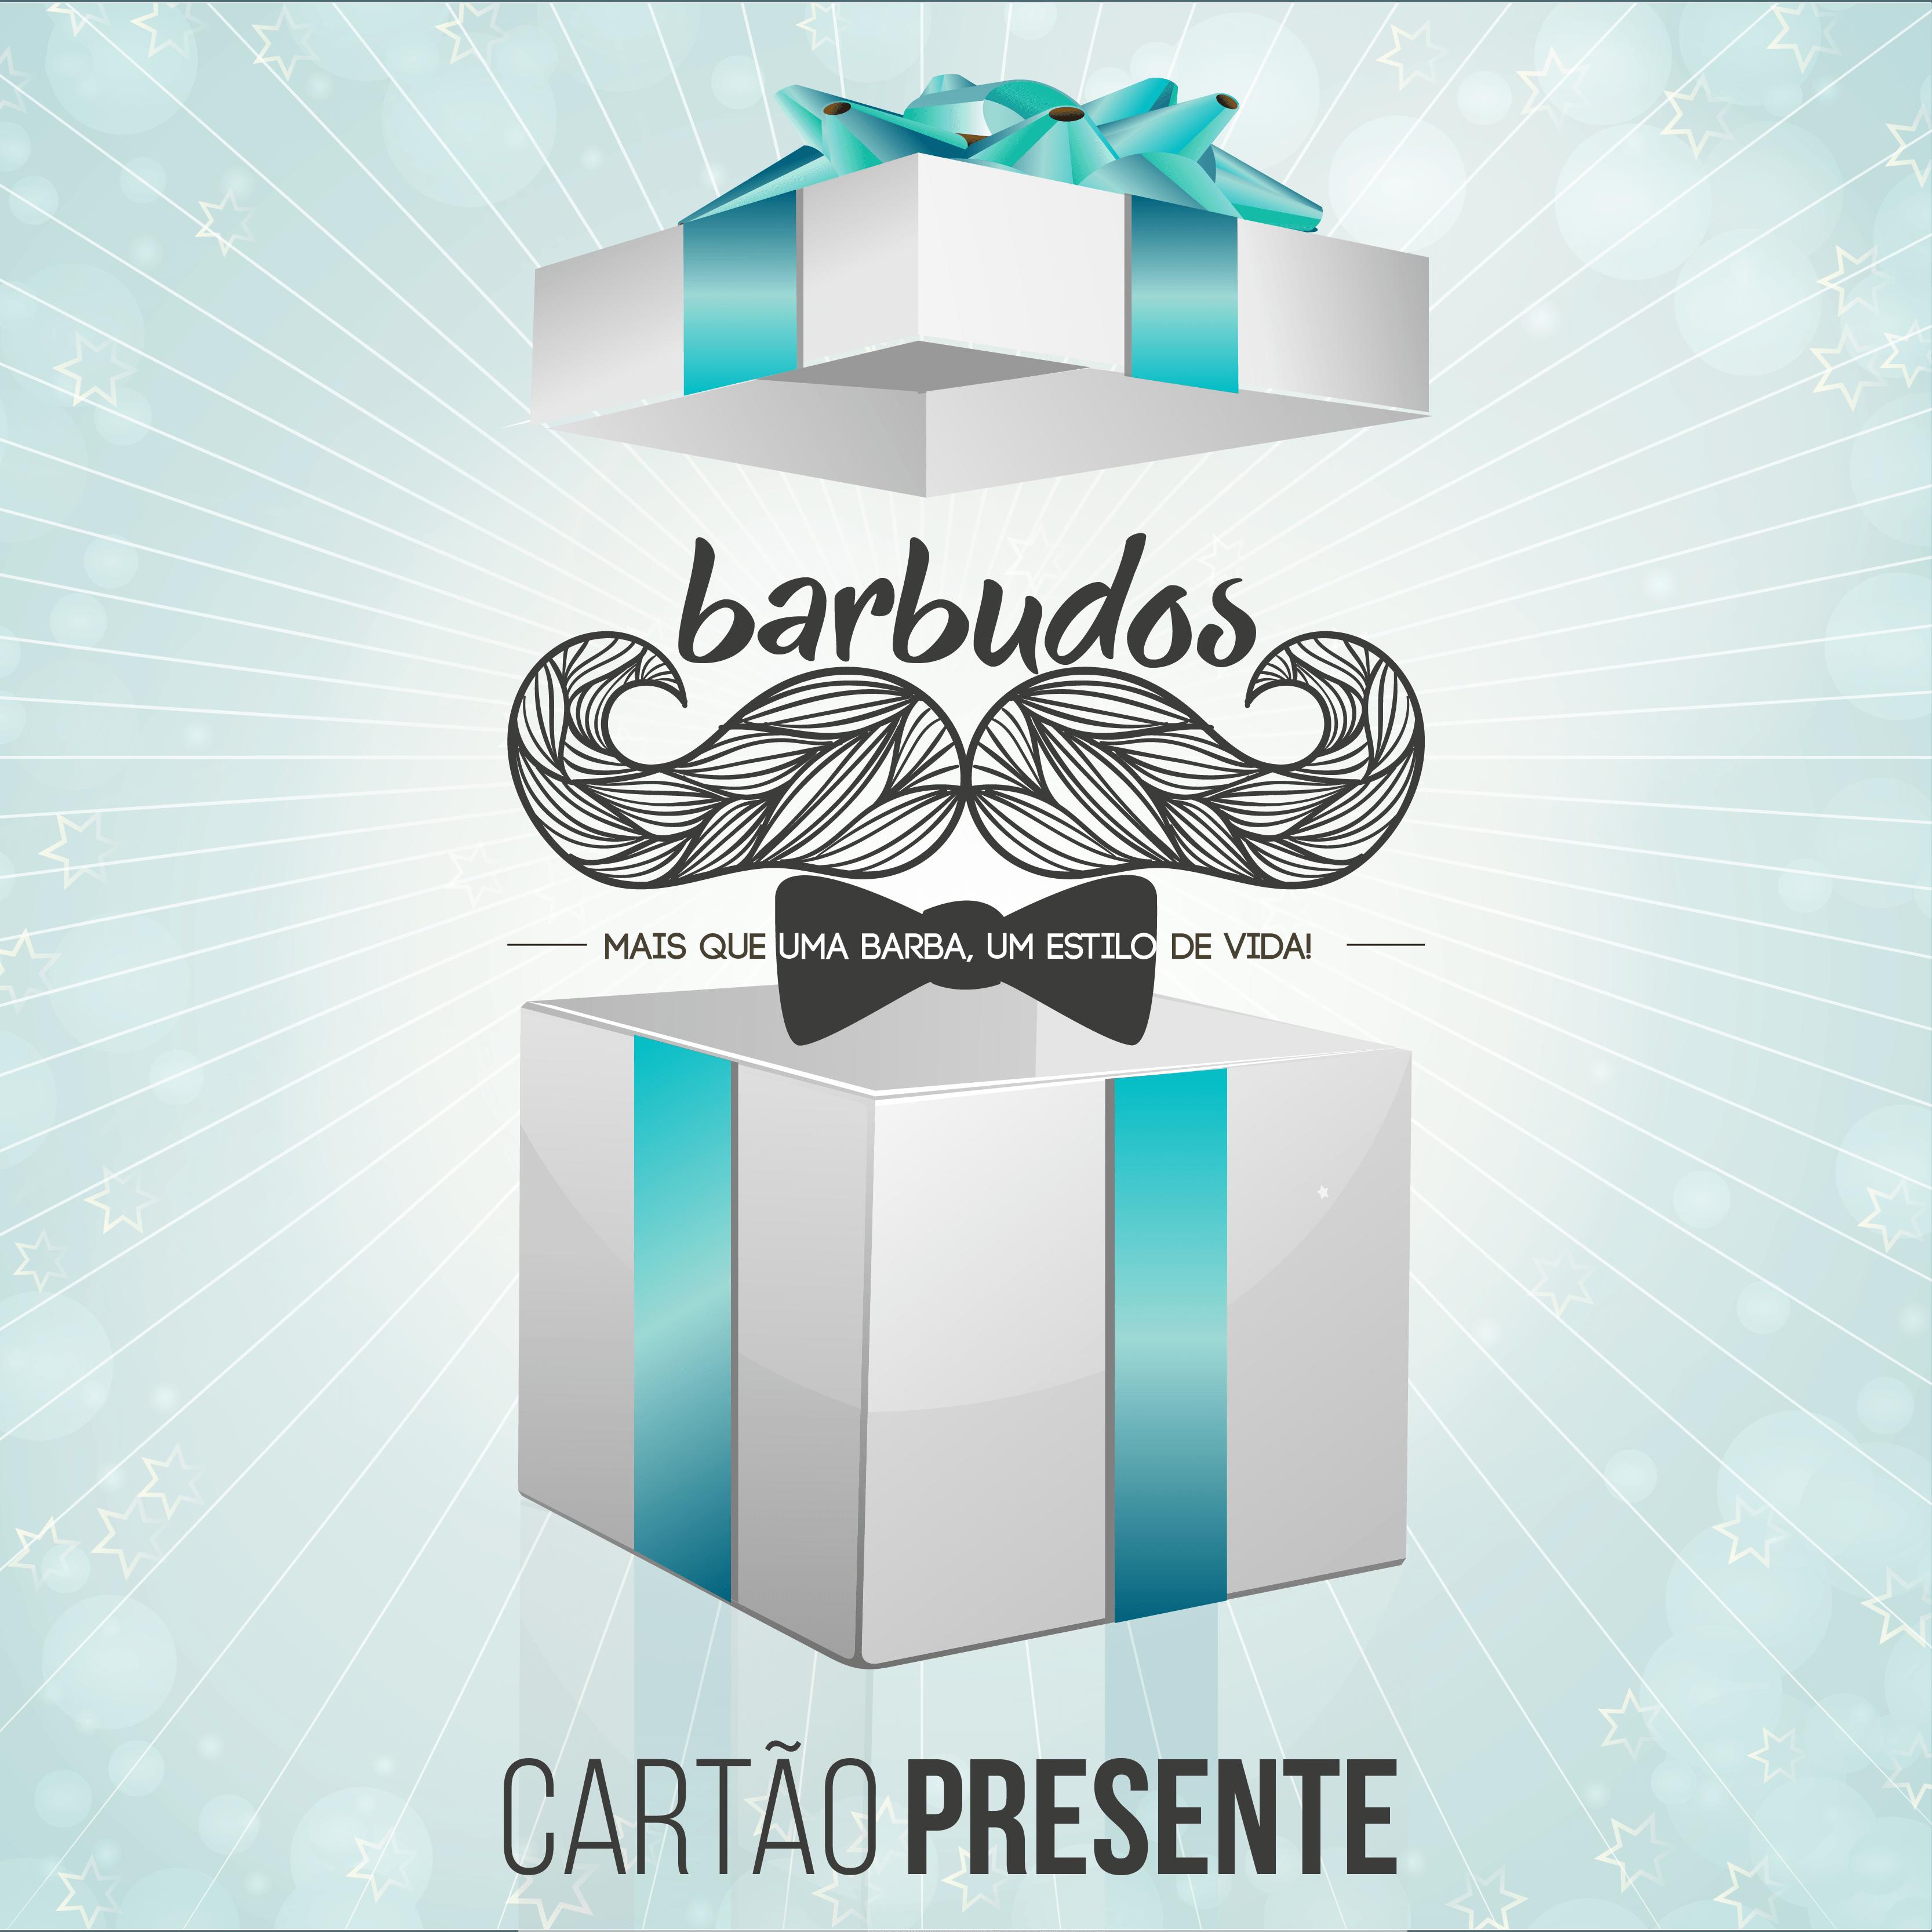 Cartão presente Barbudos.pt